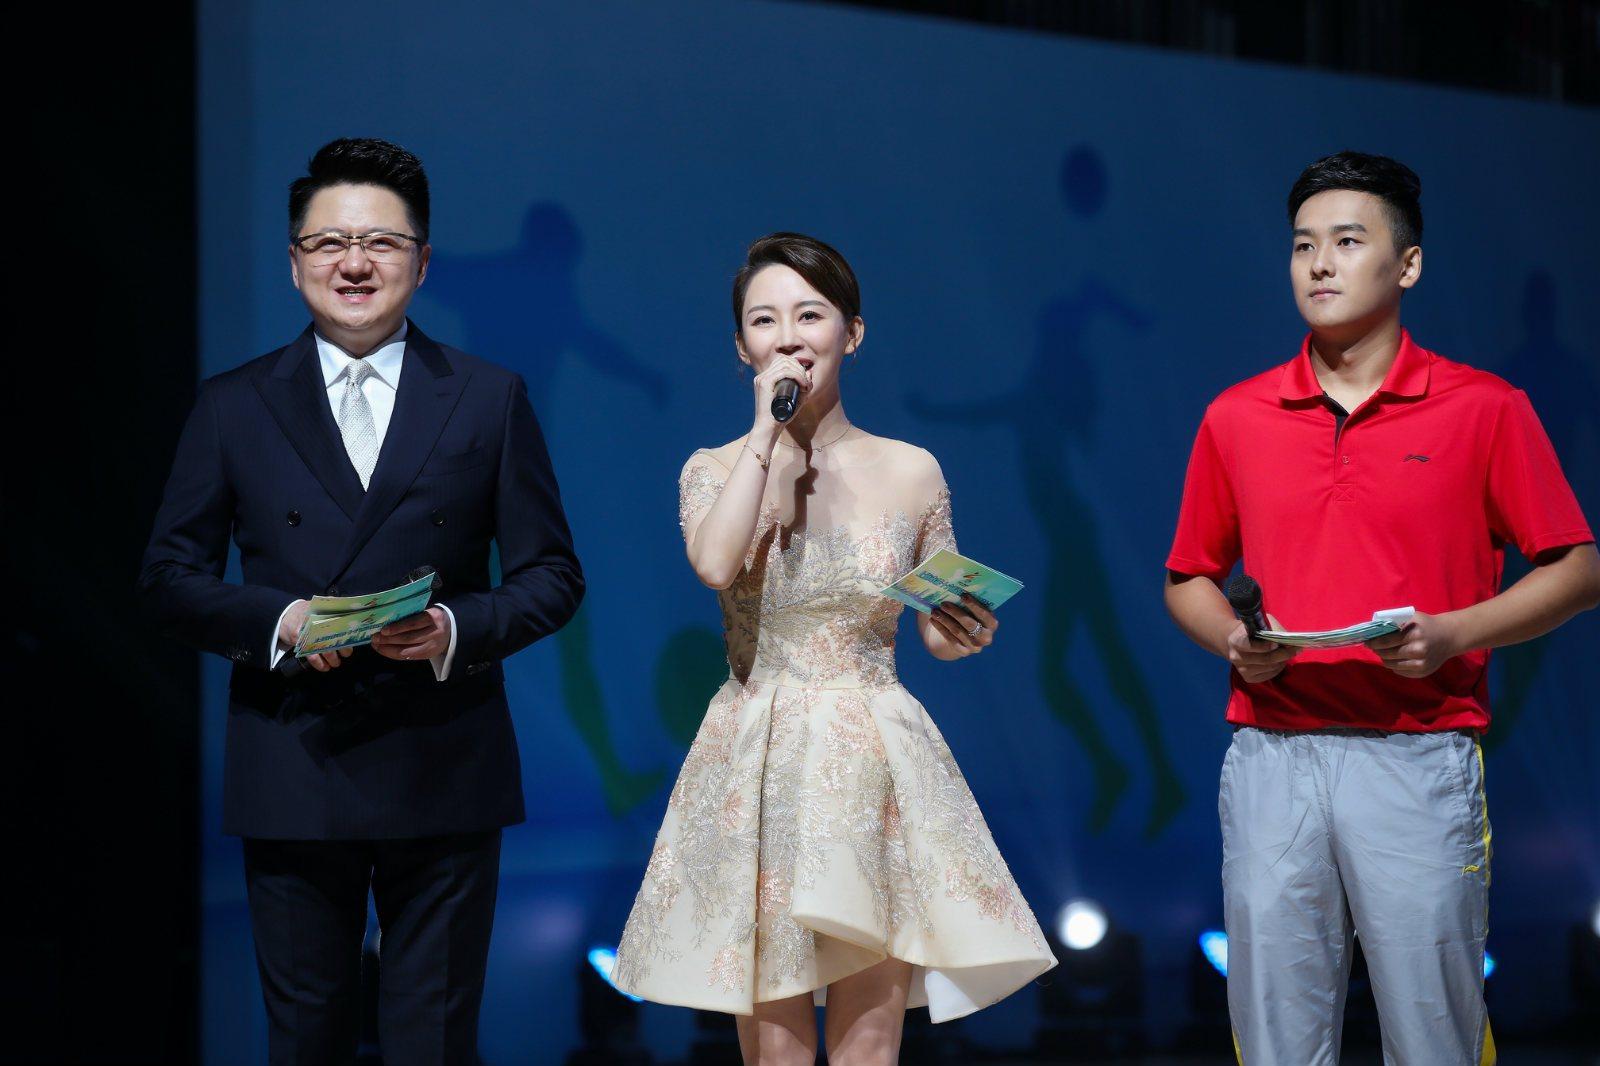 潘晓婷神秘亮相上海市运会 燃力宣传片尽显青春魅力